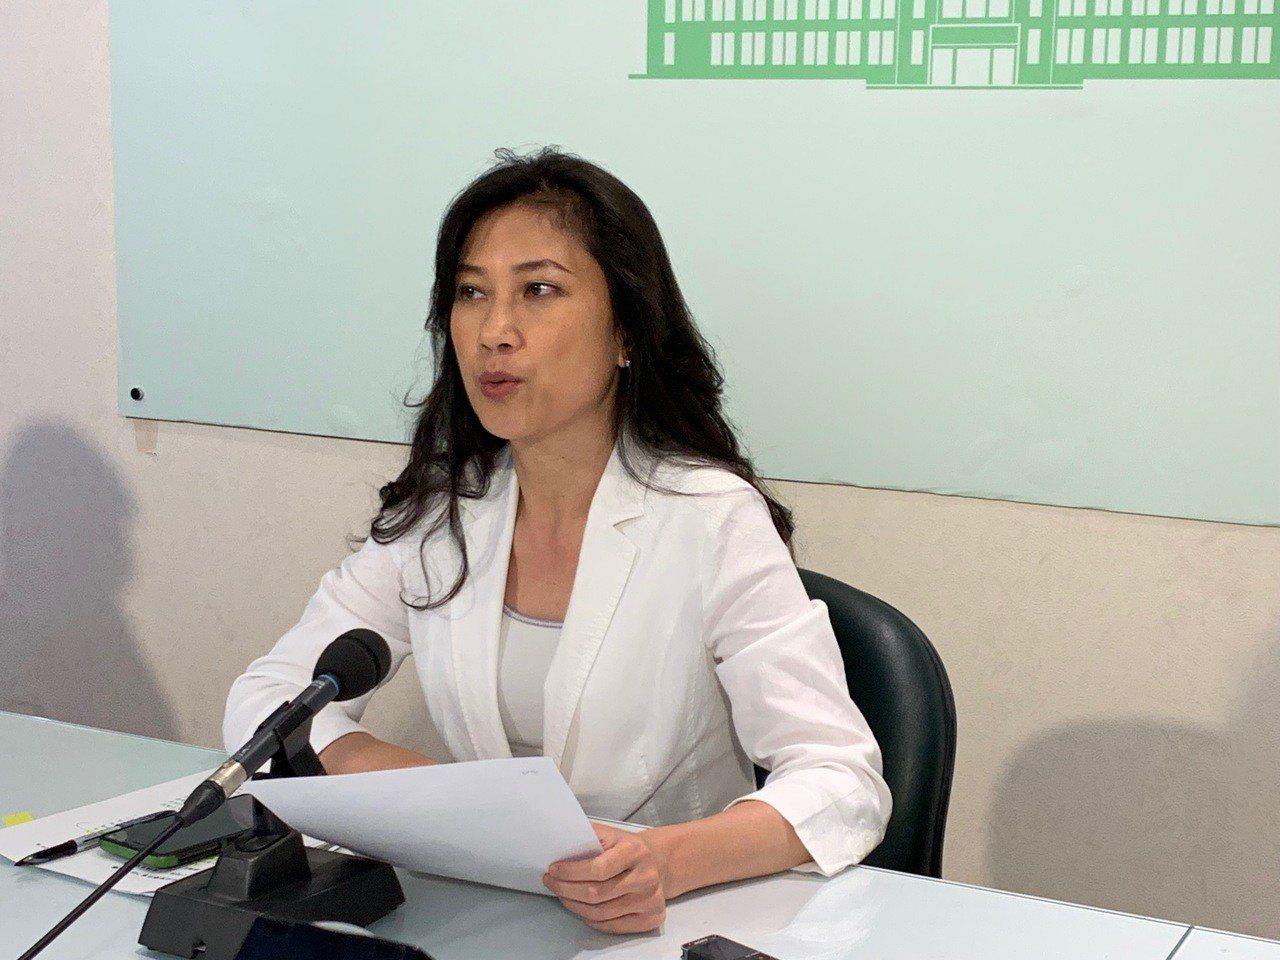 行政院發言人Kolas Yotaka表示,中央政府各機關目前並未使用華為的產品。...